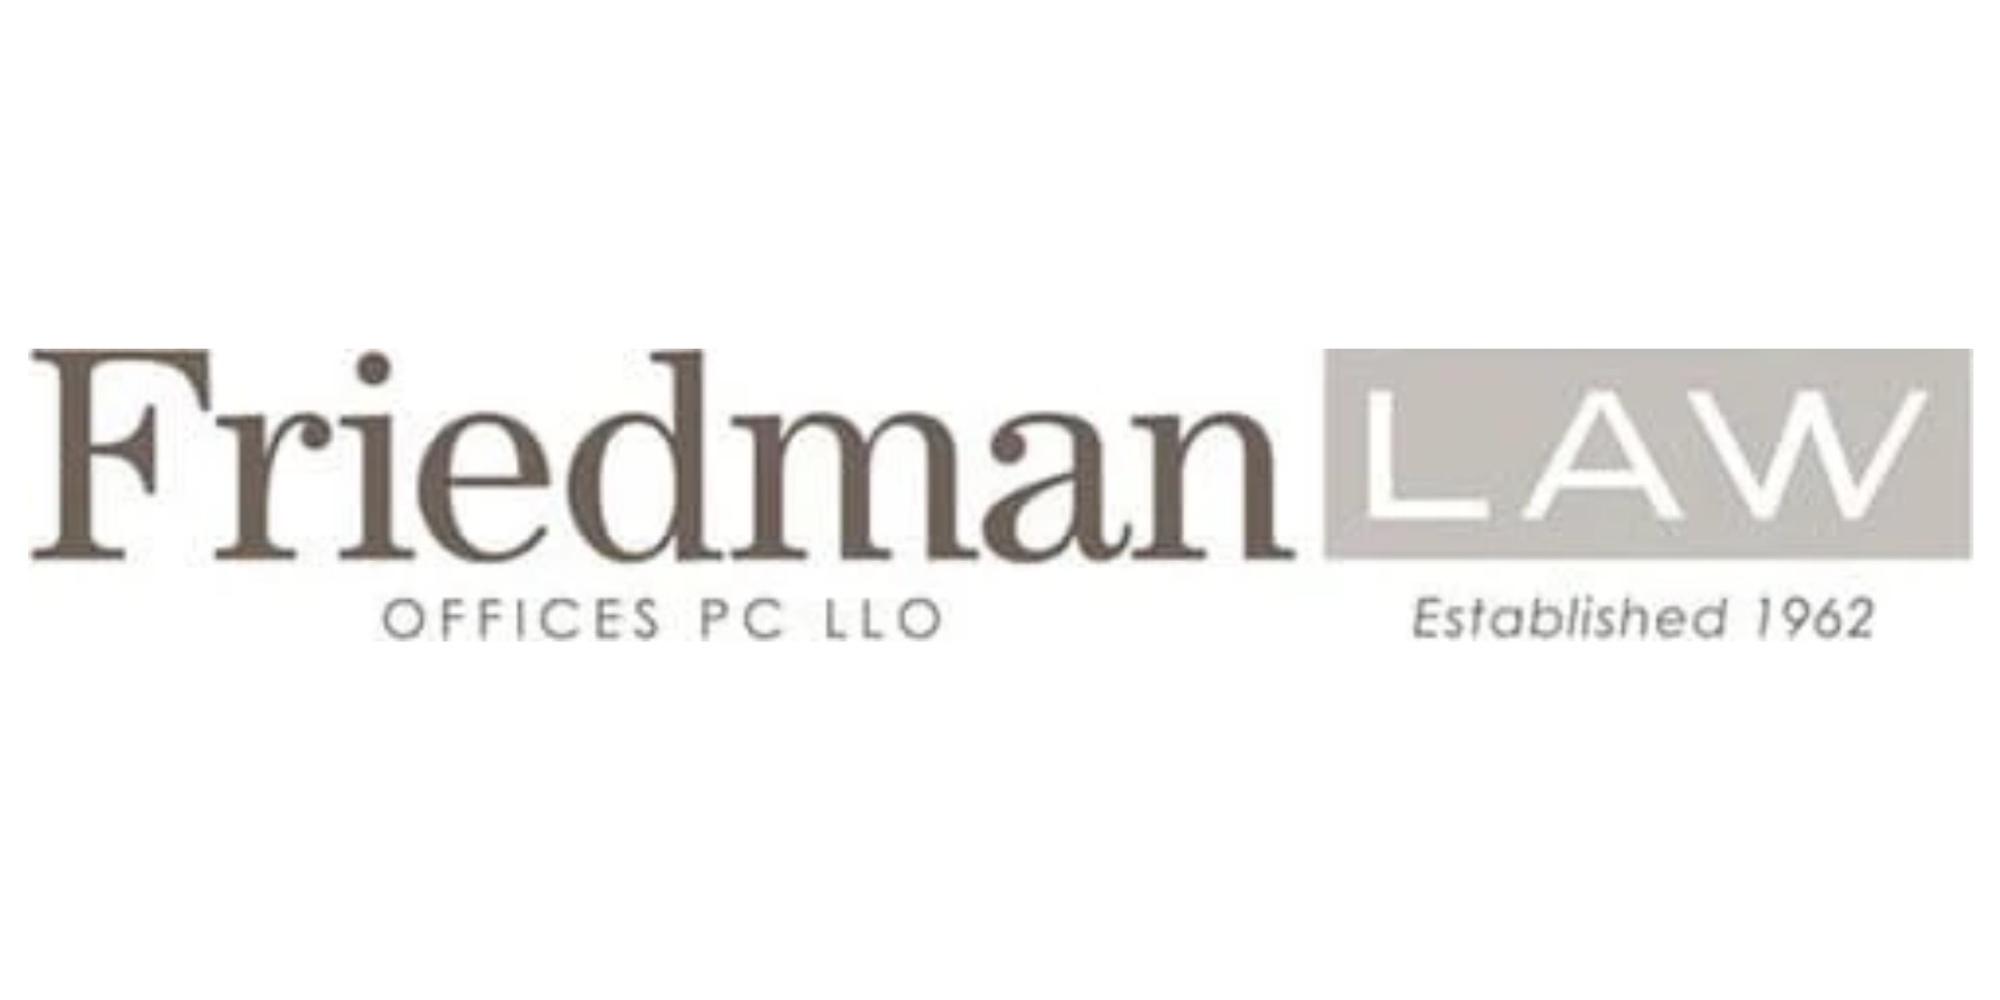 Friedman Law